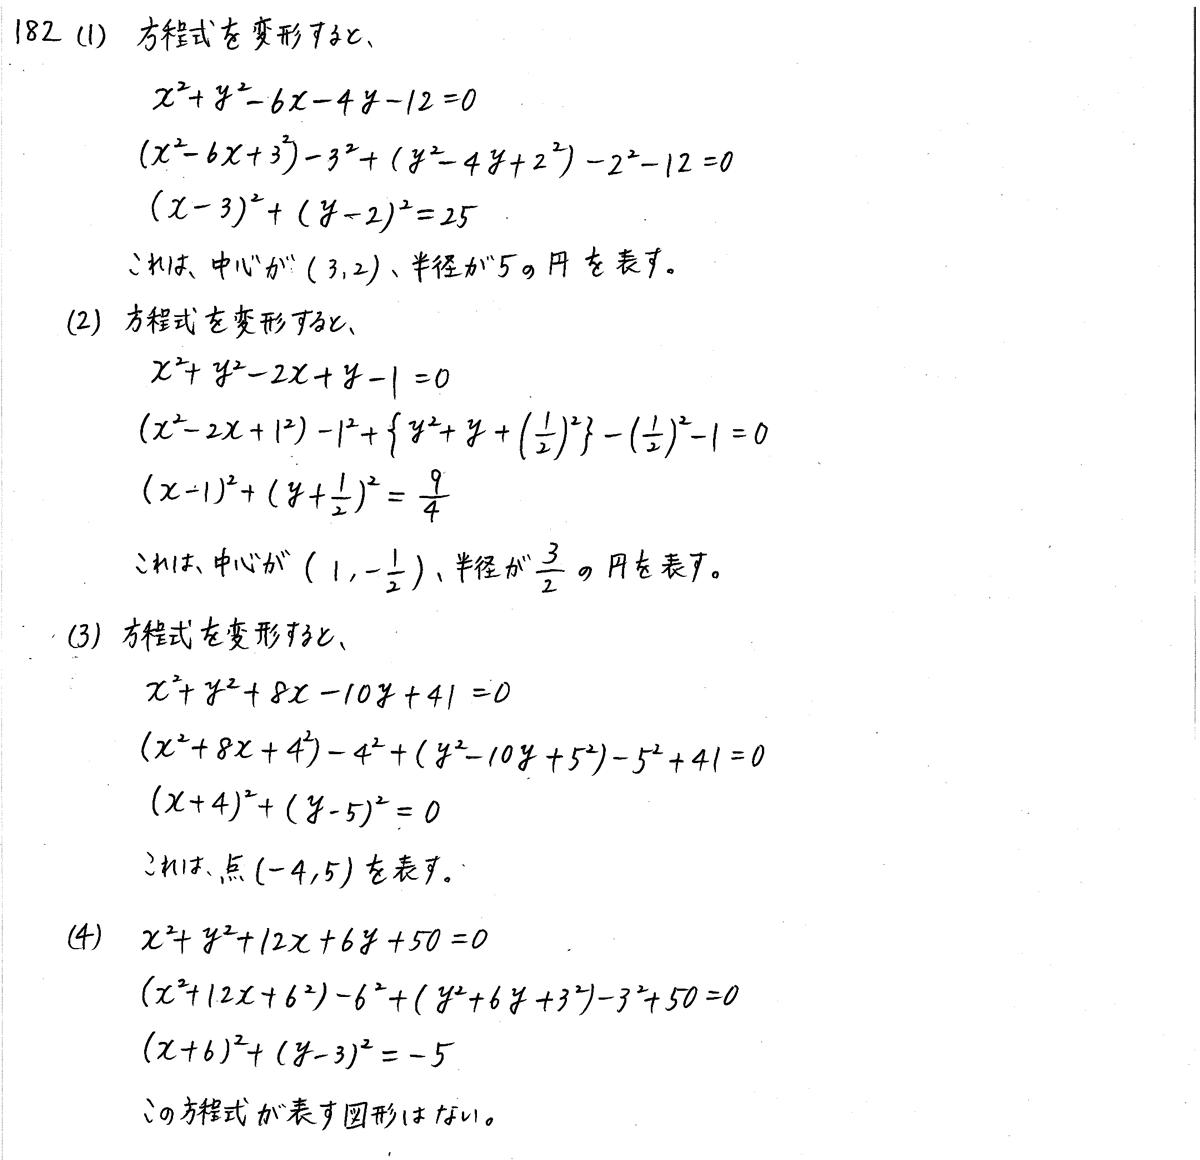 クリアー数学2-182解答